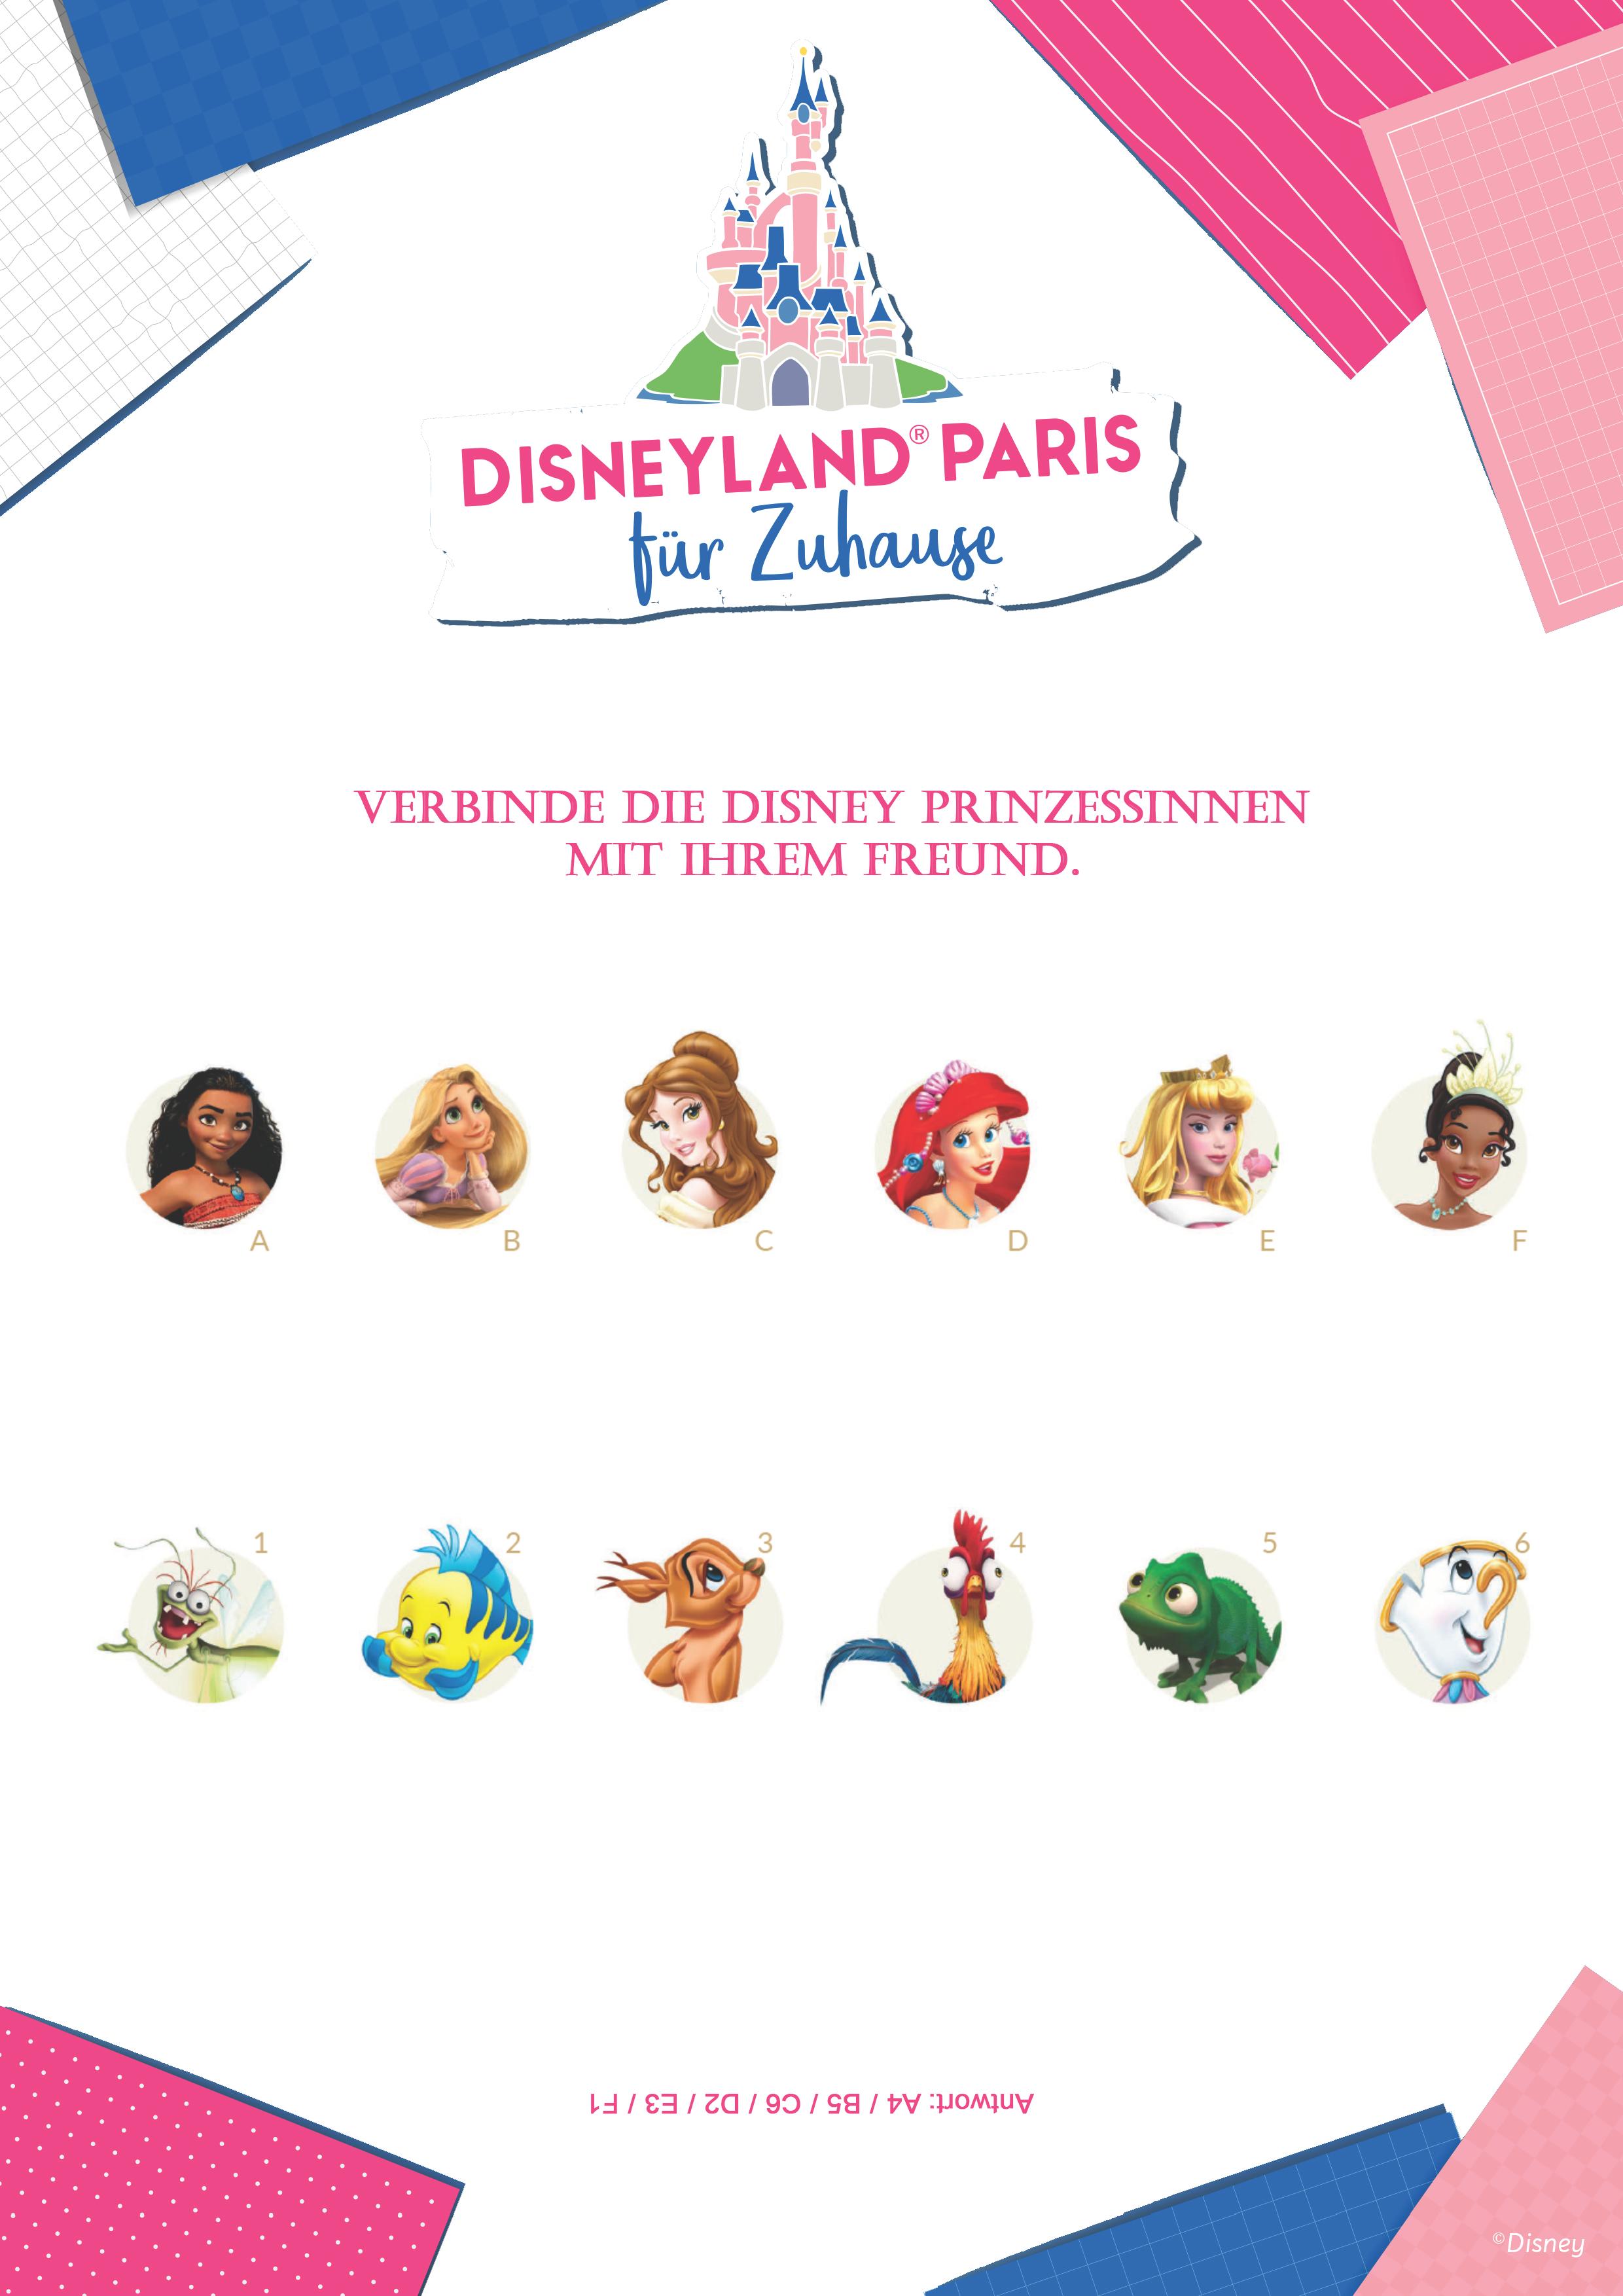 Verbinde die Disney Prinzessinnen mit ihrem Freund (oder sind es mehrere?).